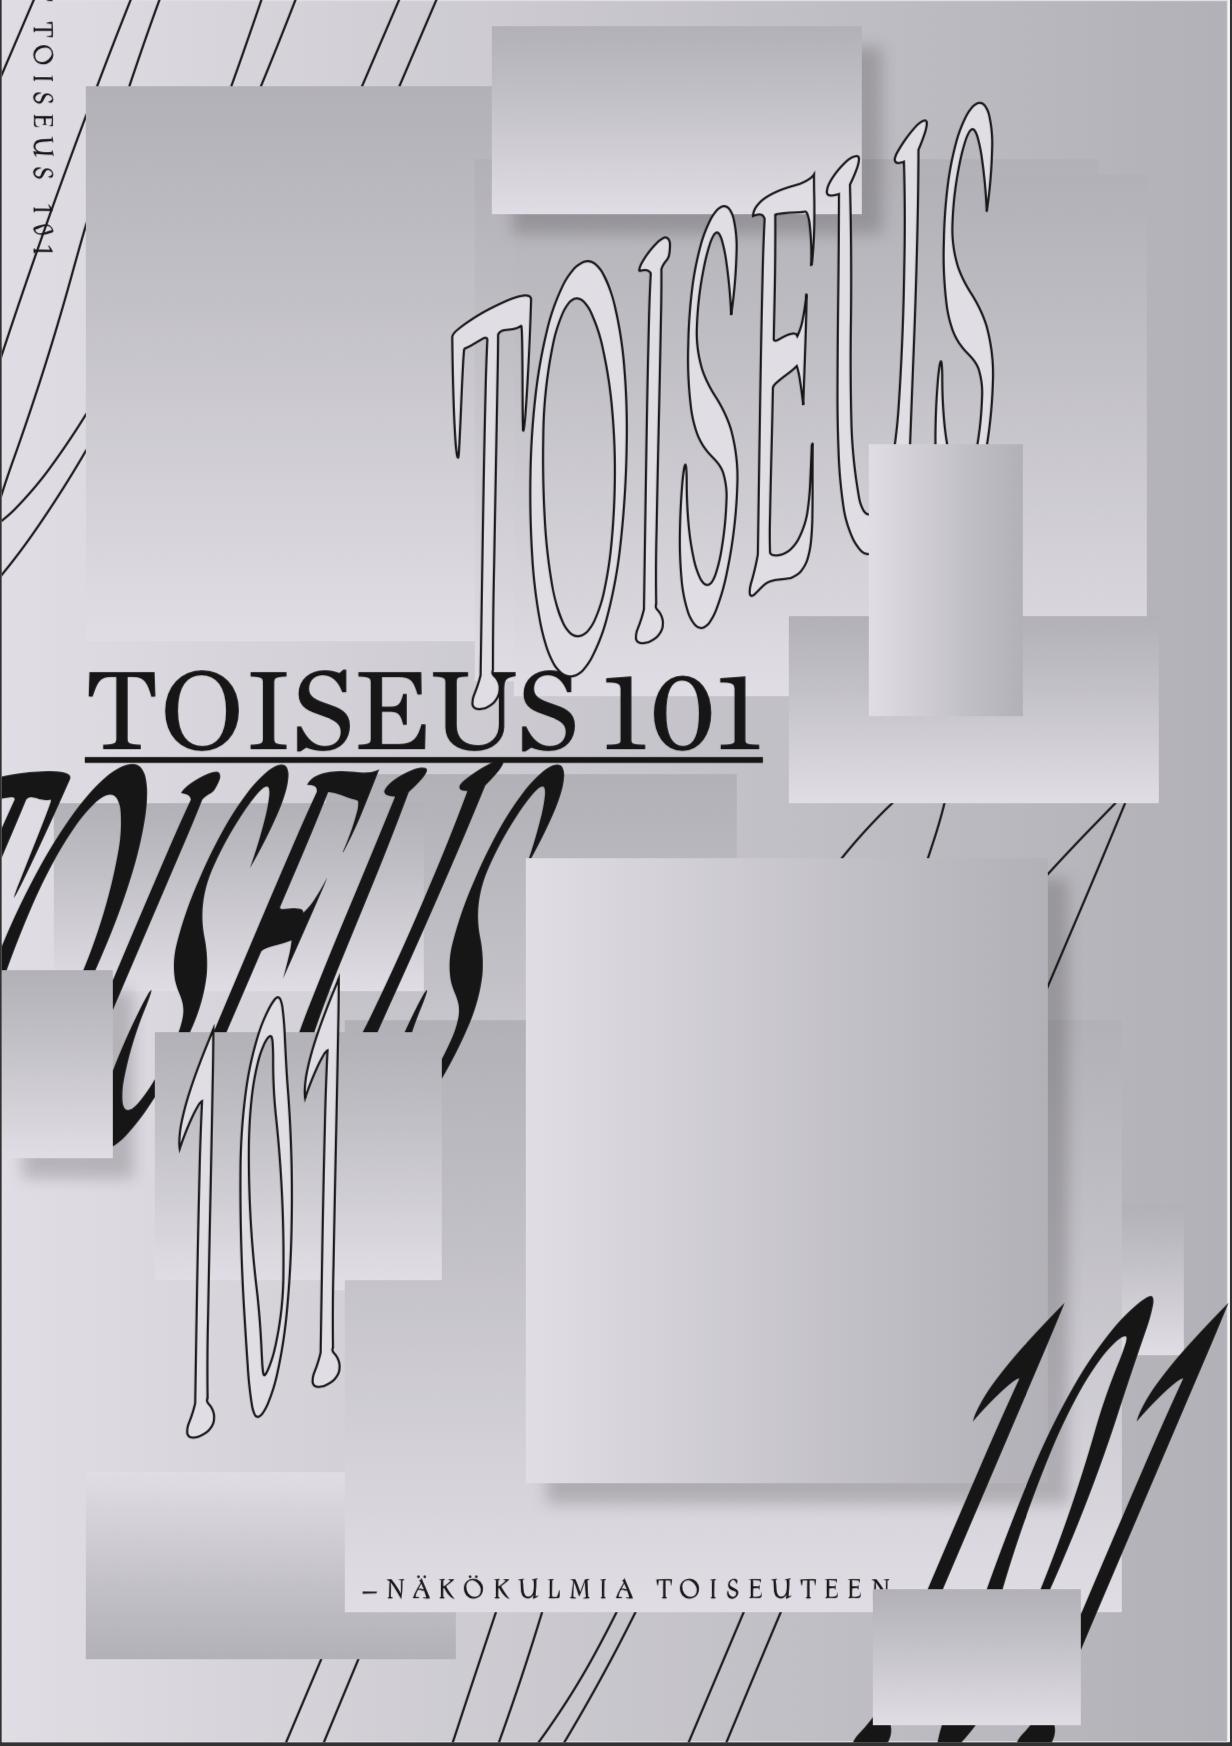 picture of the toiseus 101 - publication